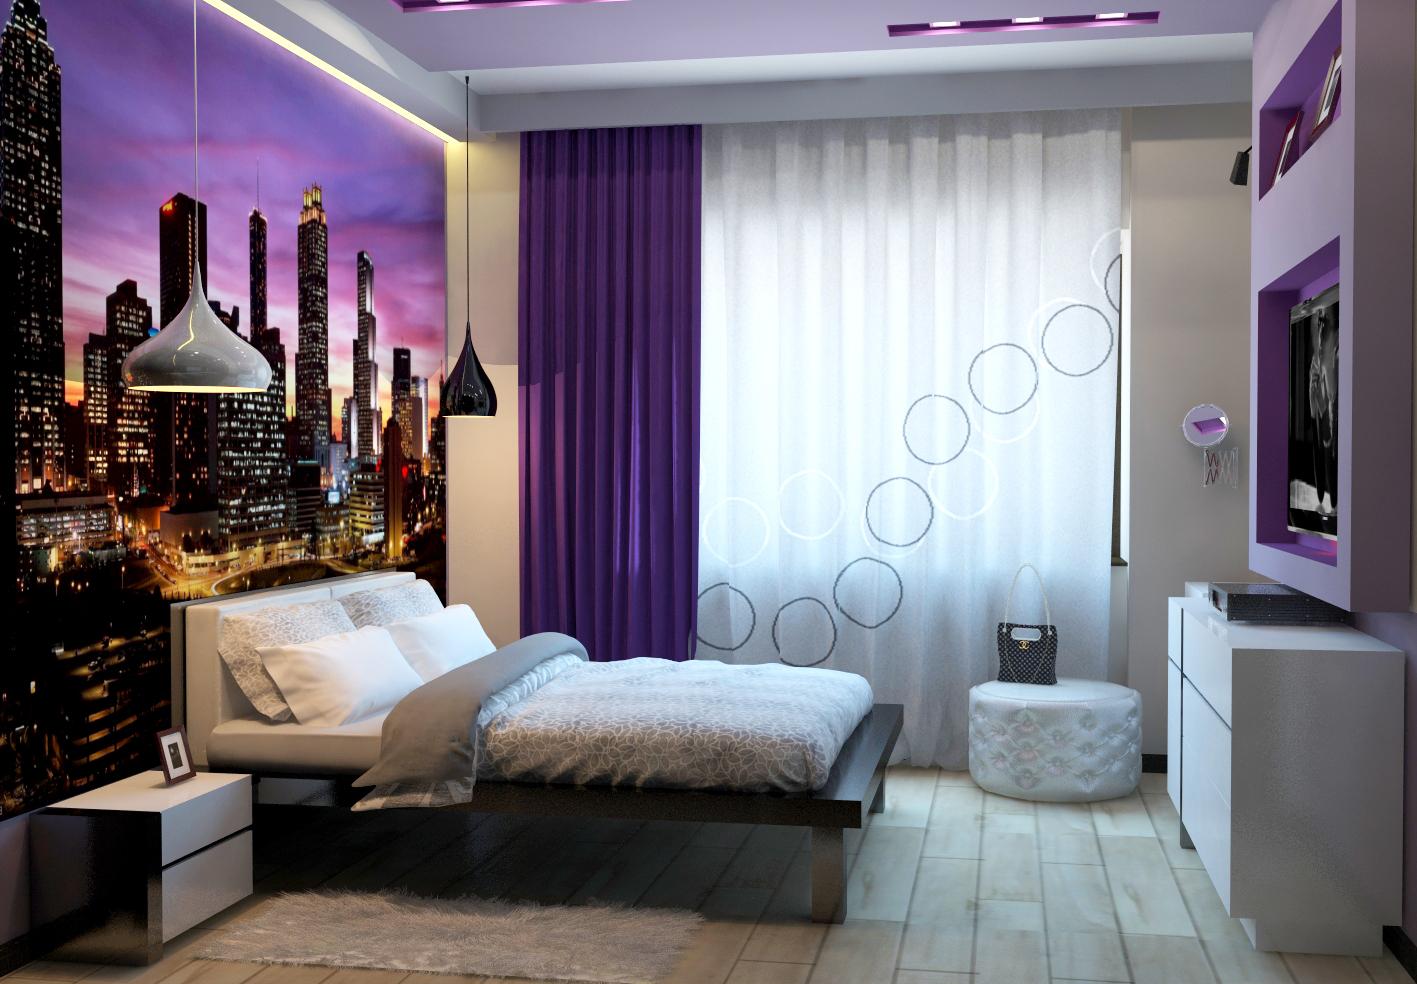 dormitorio estilo personal